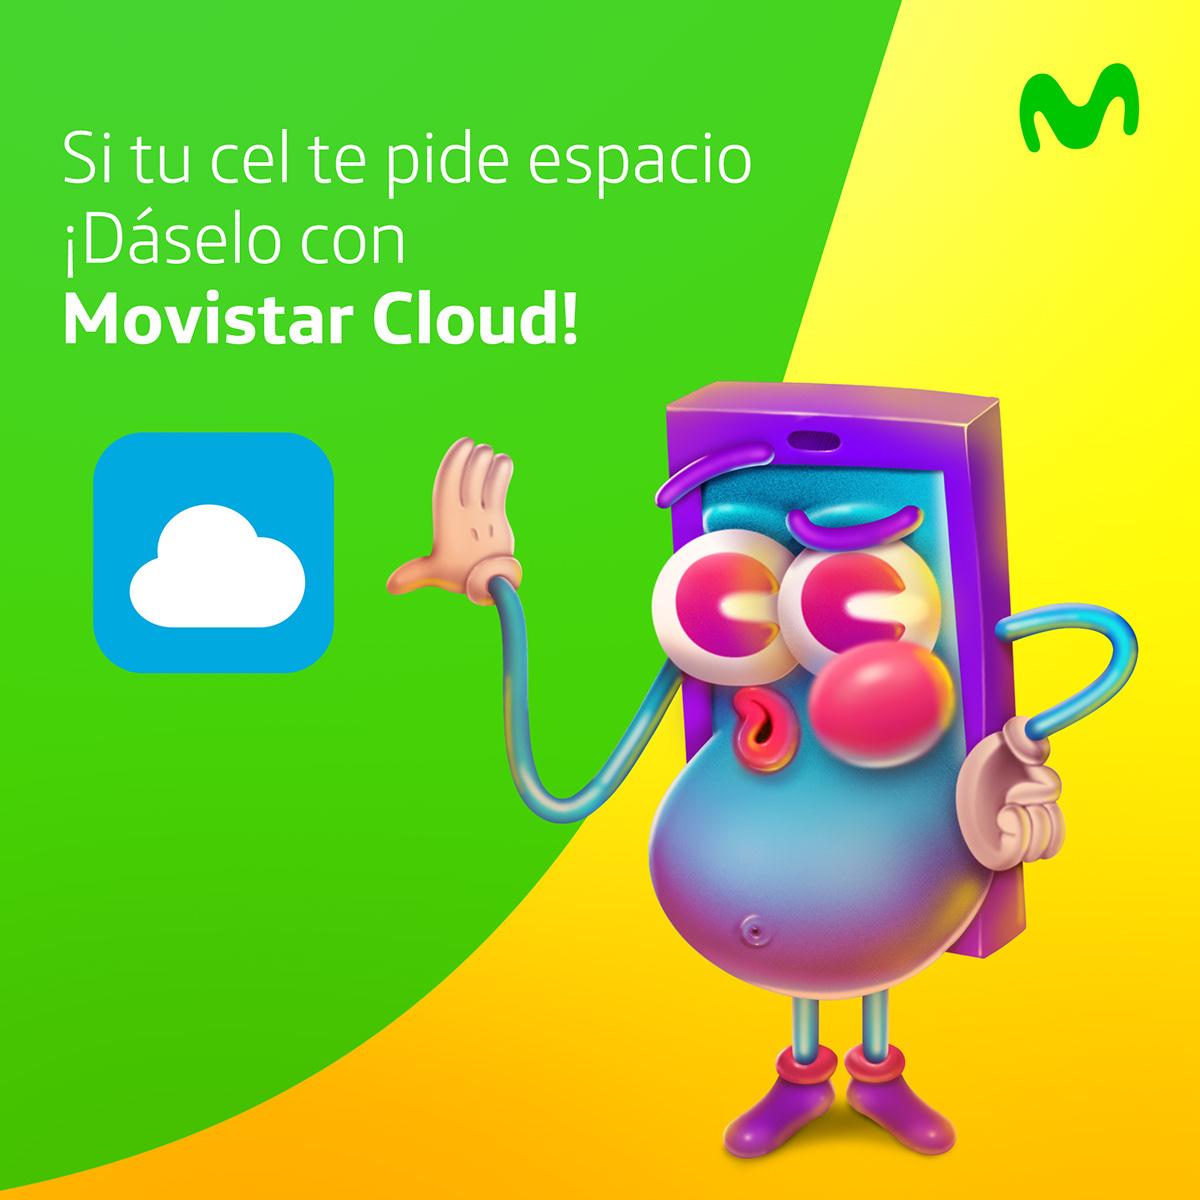 movistar,Ecuador,celulares,digital,facebook,Desmuncubic,redes sociales,ilustracion,animacion,phone